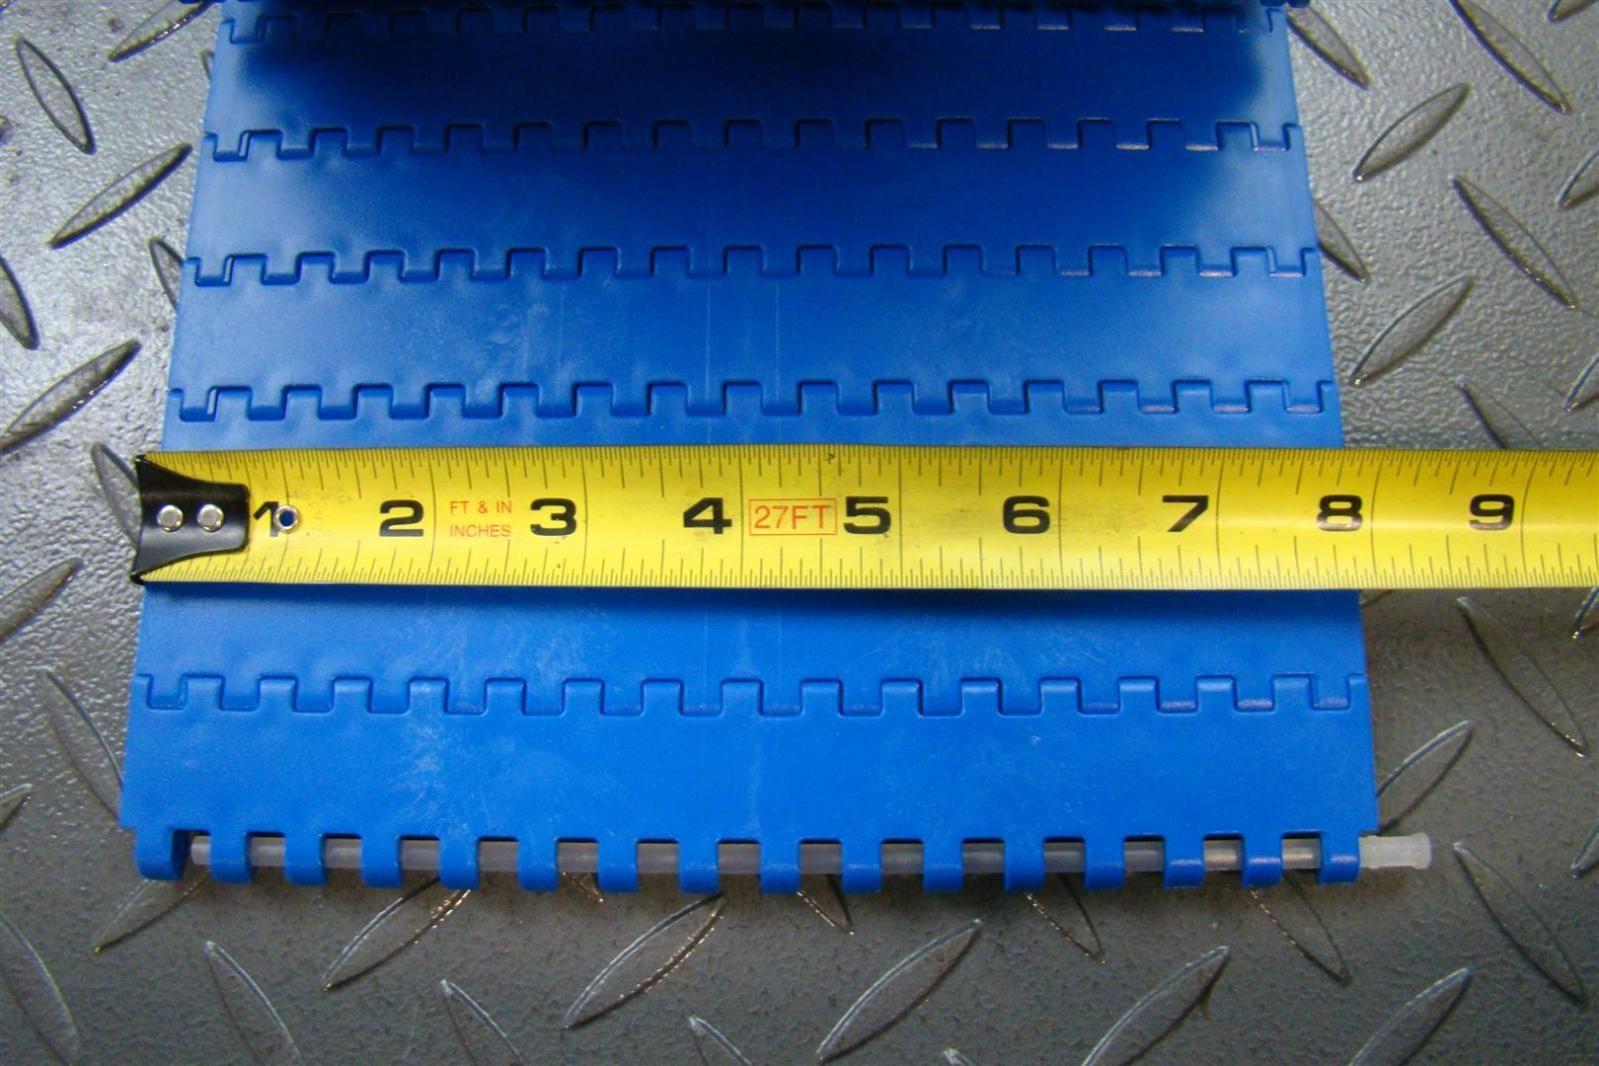 Модульная лента Holzer 800 Flat Top шаг 50.8 мм, толщина 16 мм, открытость 0%, POM, голубой цвет 400 заказать